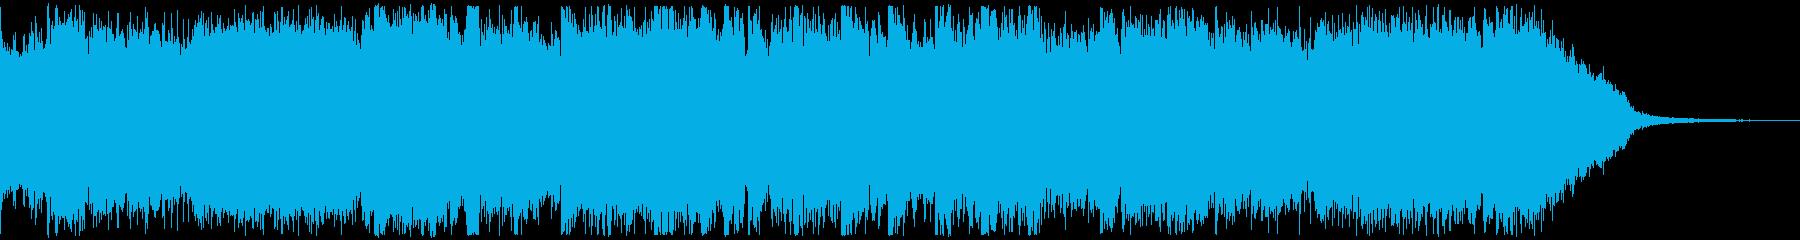 CM・おしゃれなフューチャーベースの再生済みの波形